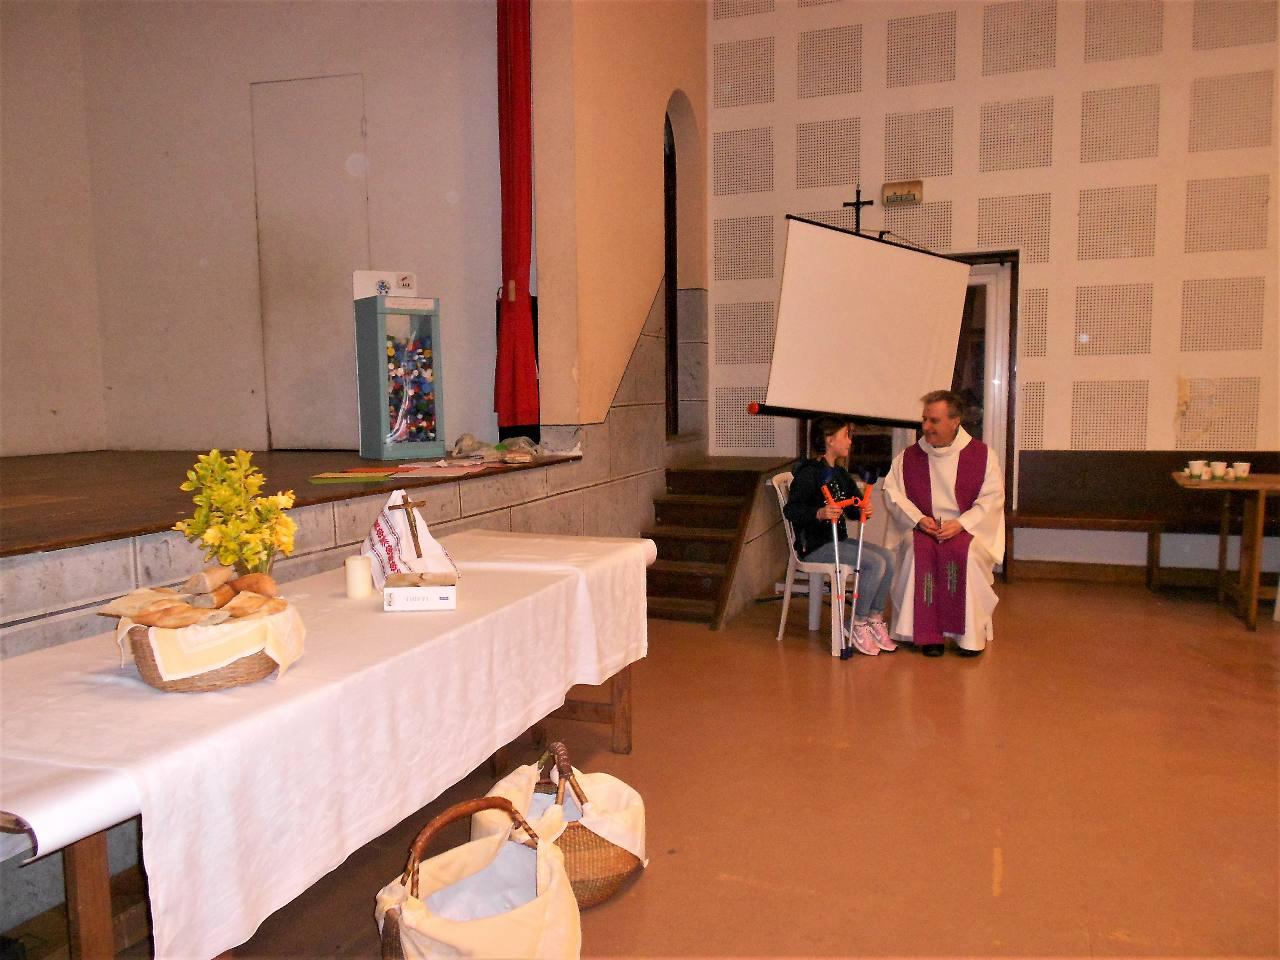 pendant la récréation, trois grandes CM2 ont demandé le sacrement de réconciliation